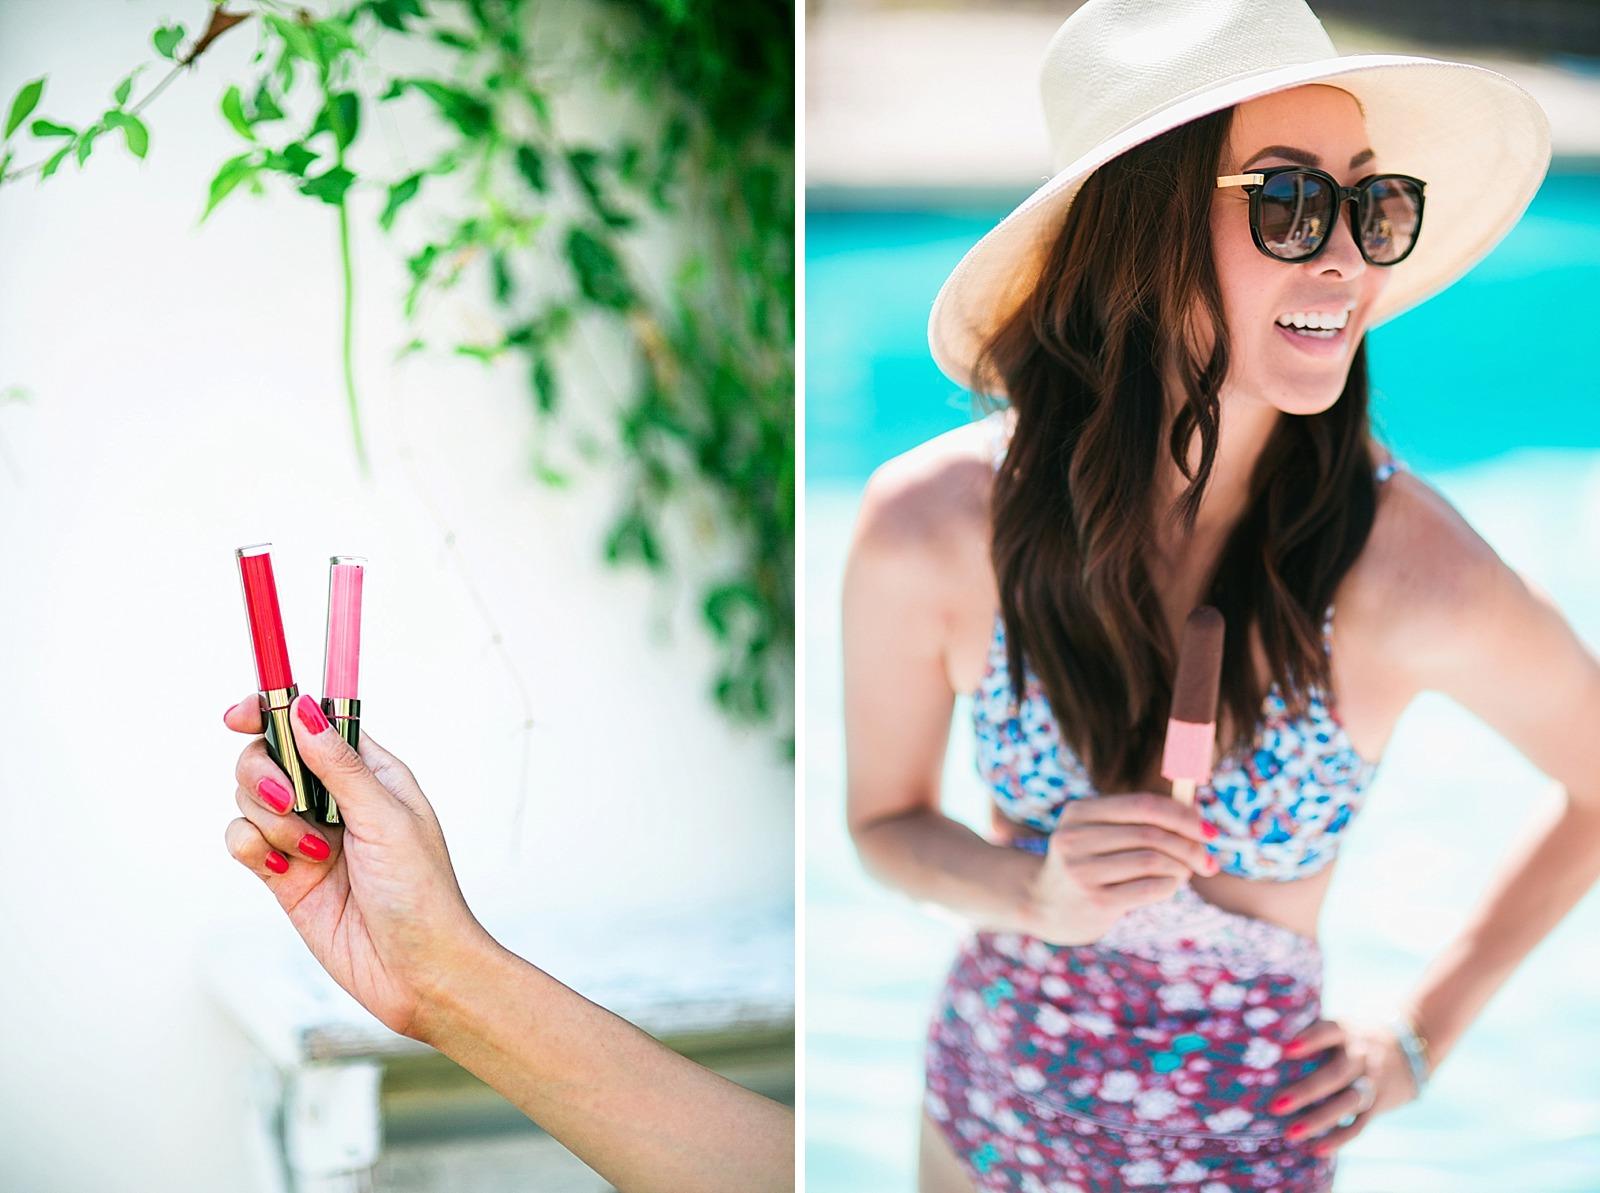 weight-watchers-ice-cream-lifestyle-blogger-diana-elizabeth-blog-arizona-fashion-pool-summer-time_0093